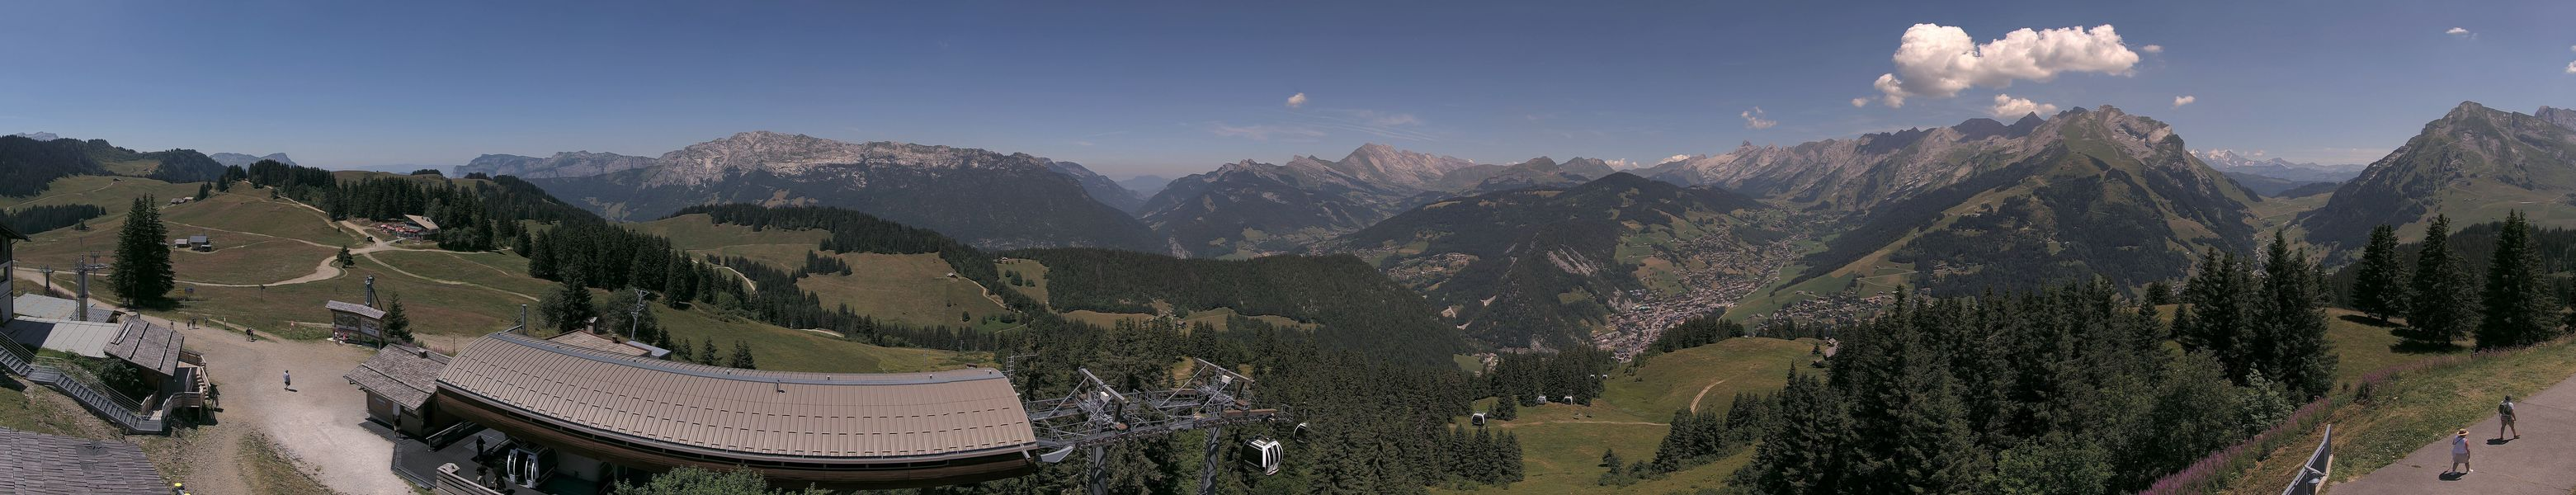 La Clusaz web camera - Massif de Beauregard ski station